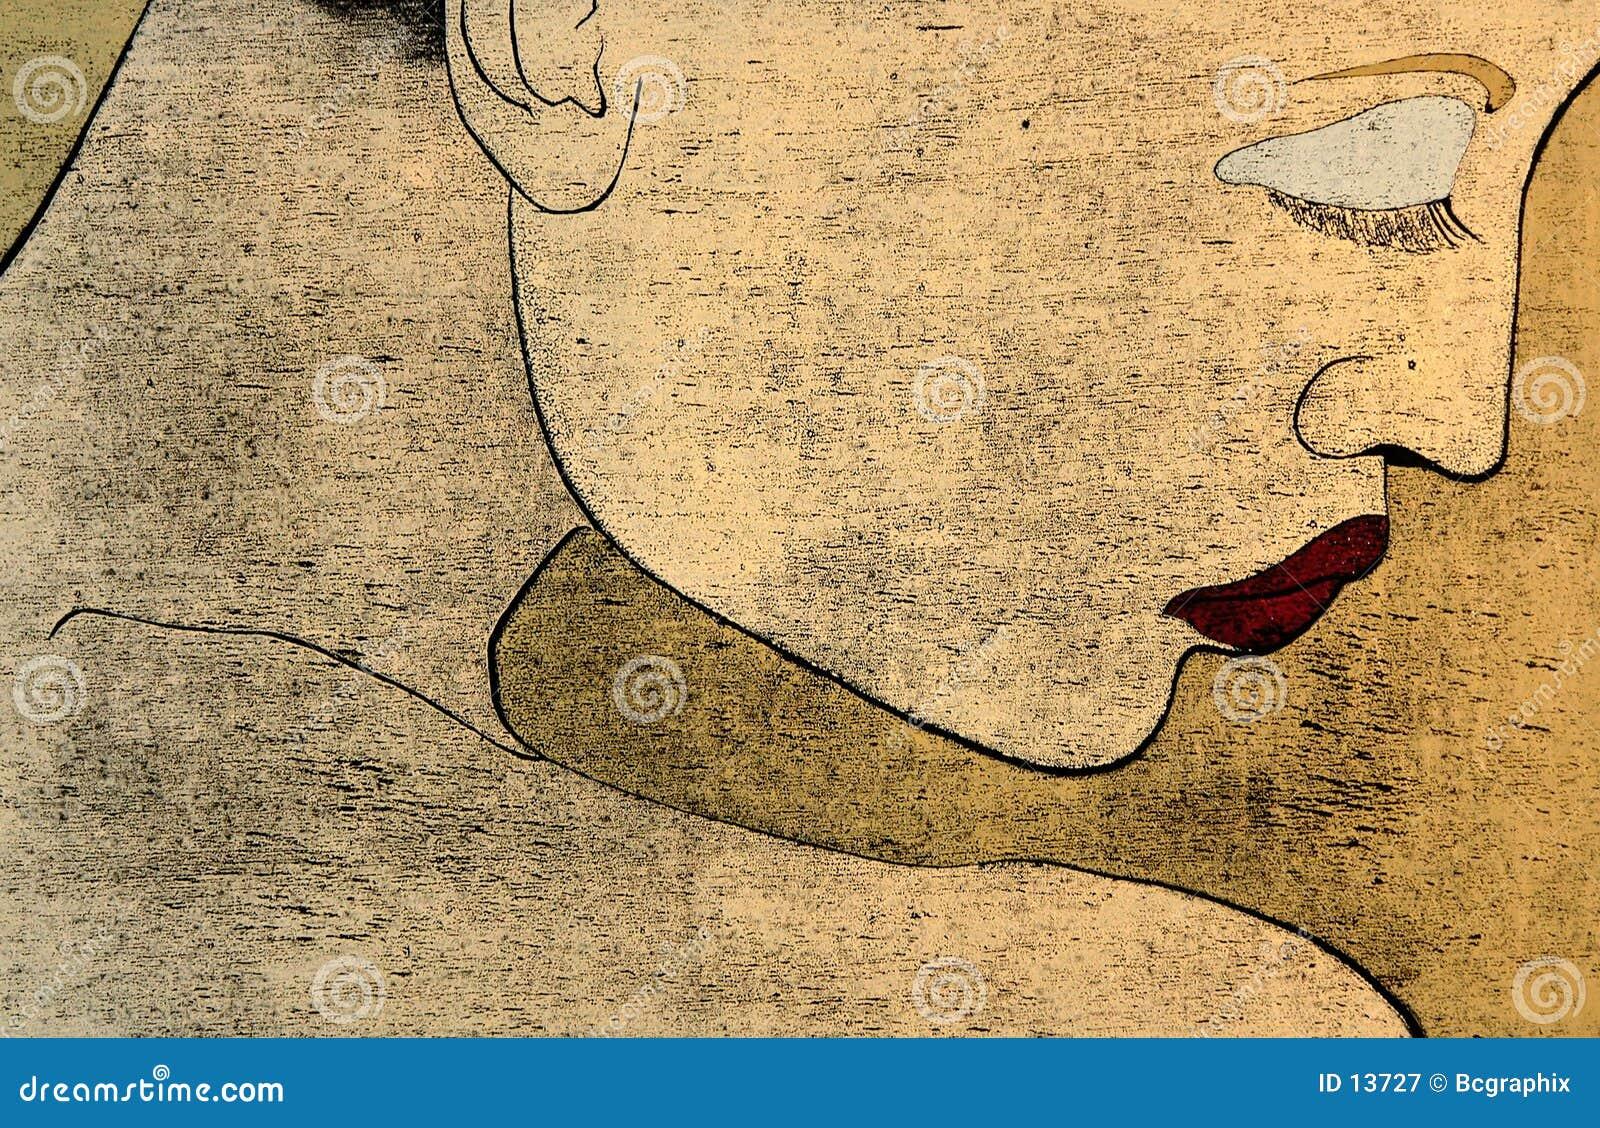 Woodprint - portait de uma mulher